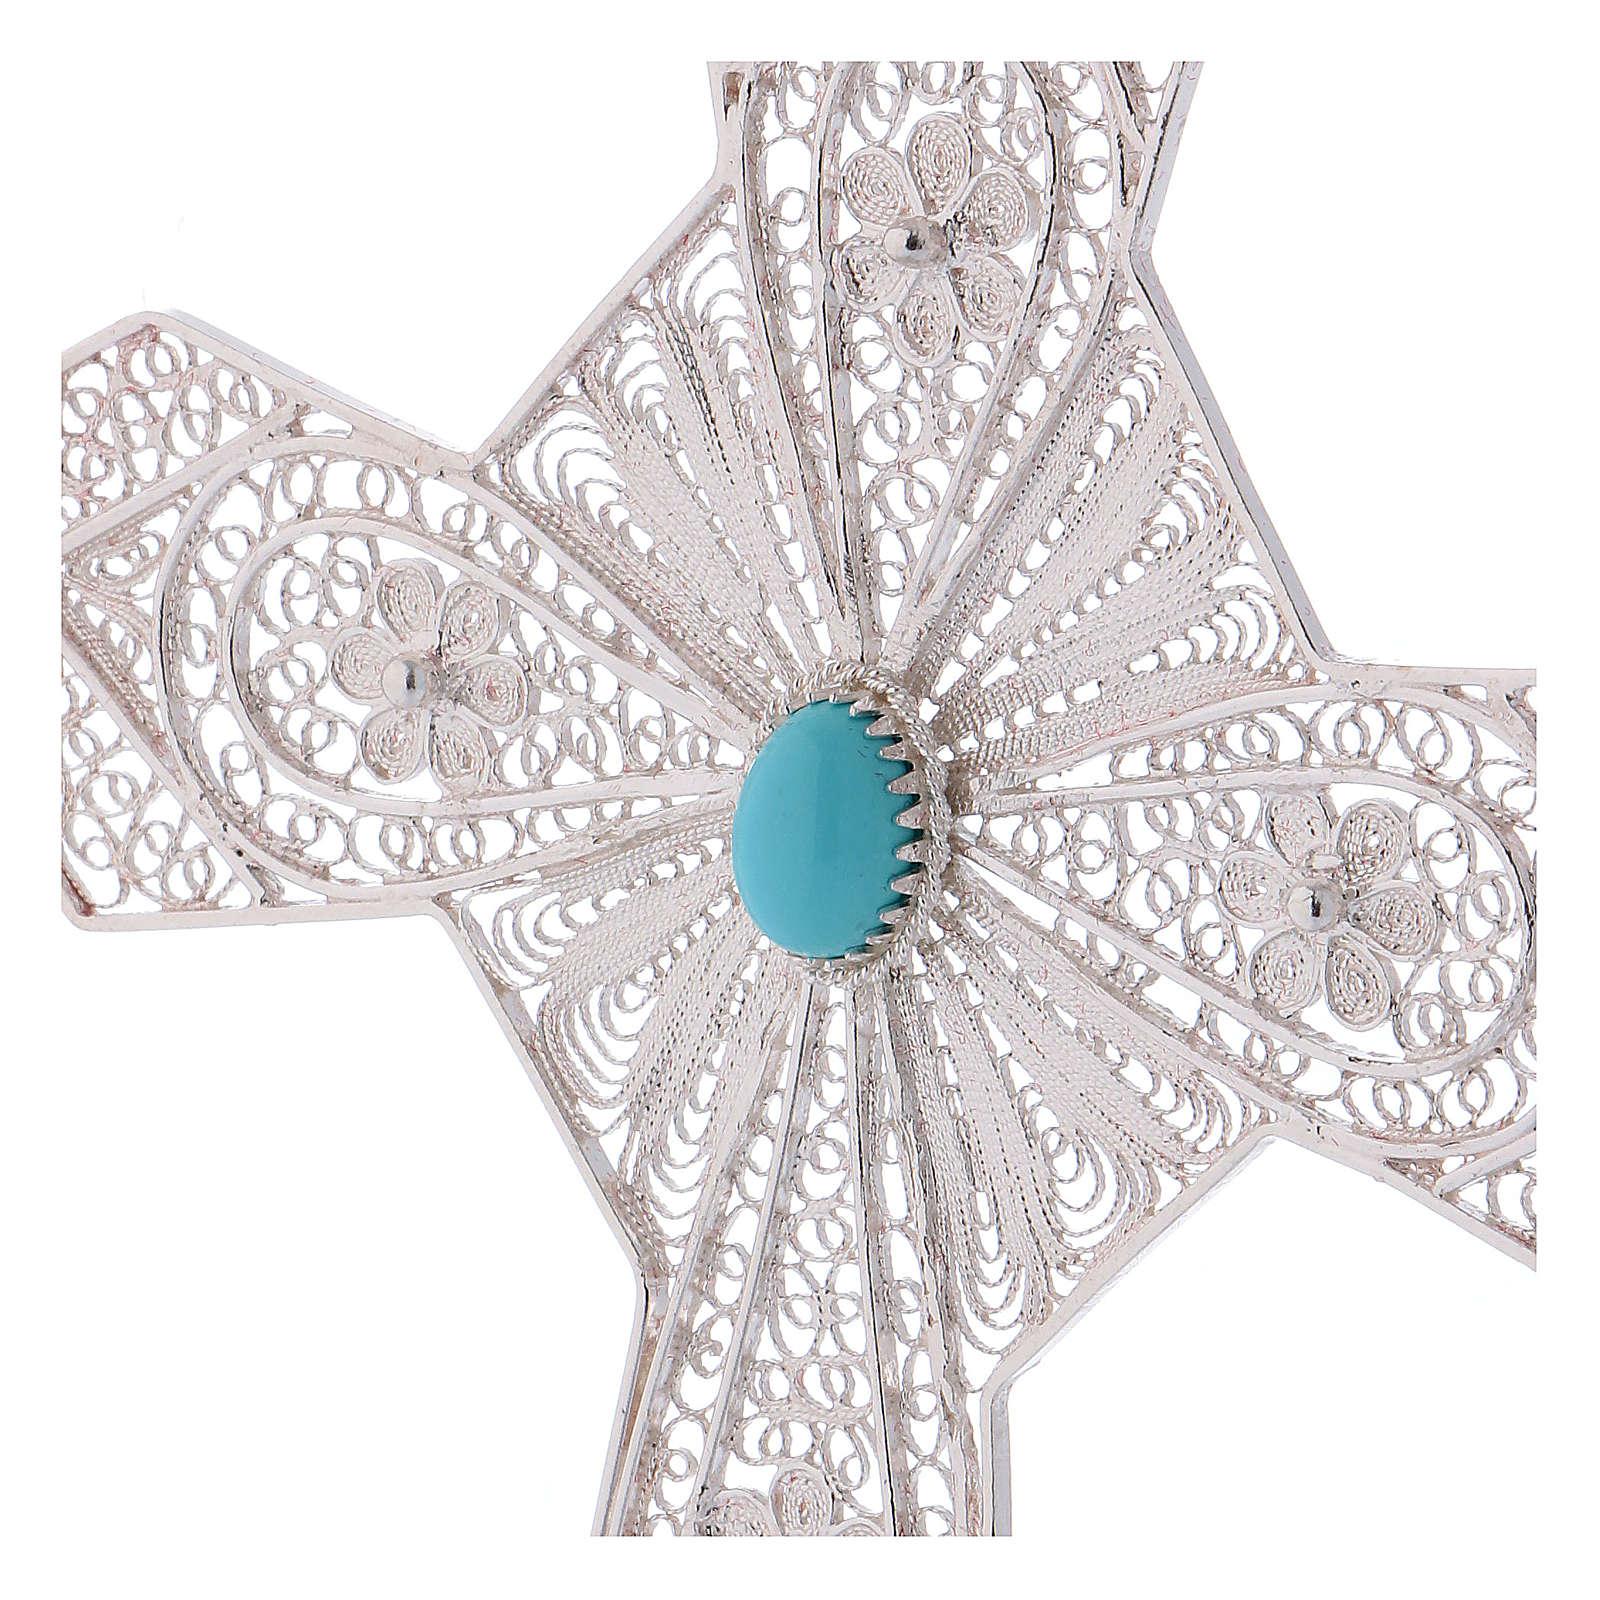 Krzyż biskupi turkus srebro 800 filigran 3